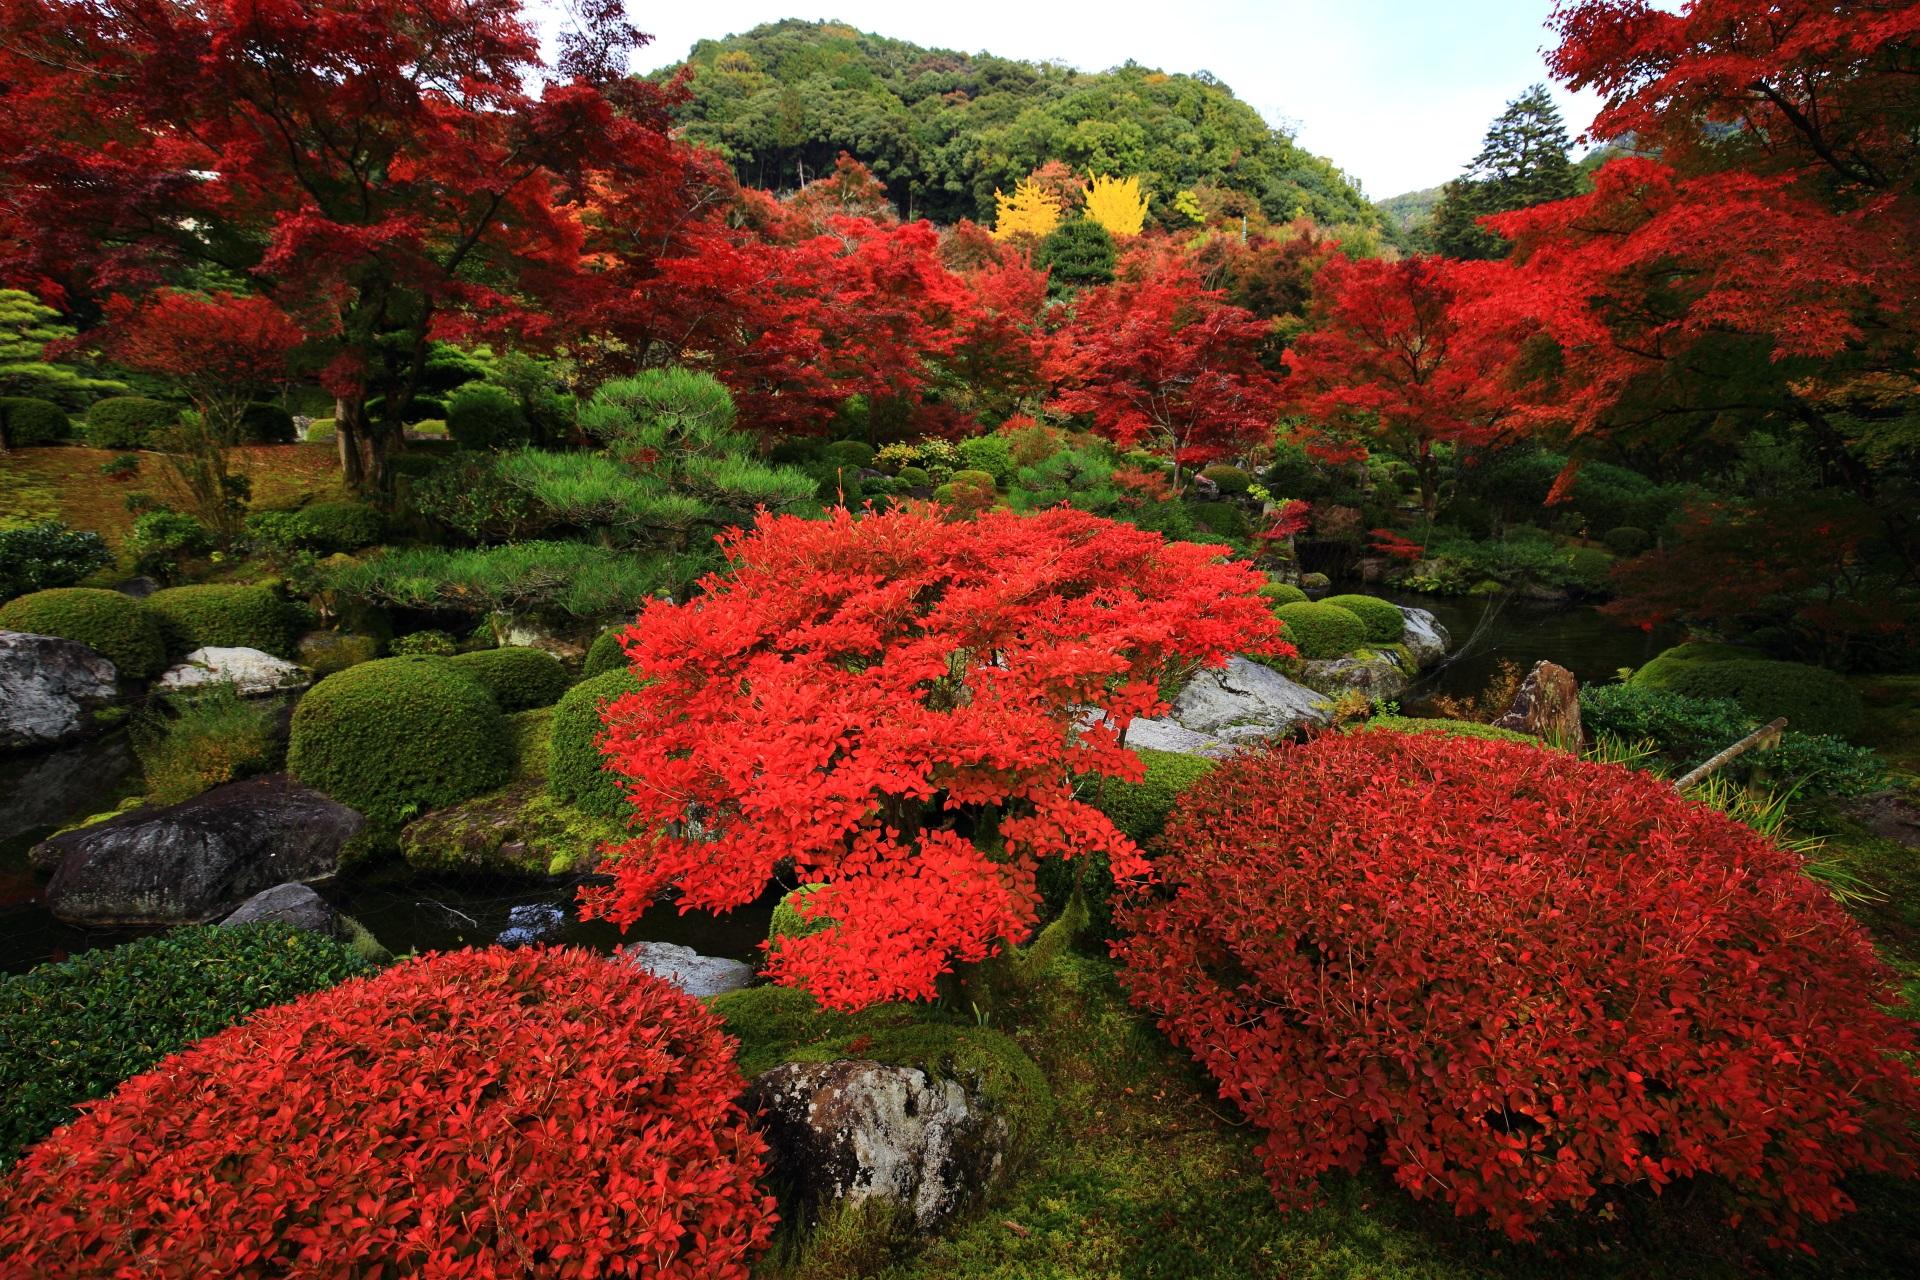 三室戸寺の与楽苑の多種多様な溢れる秋の赤色